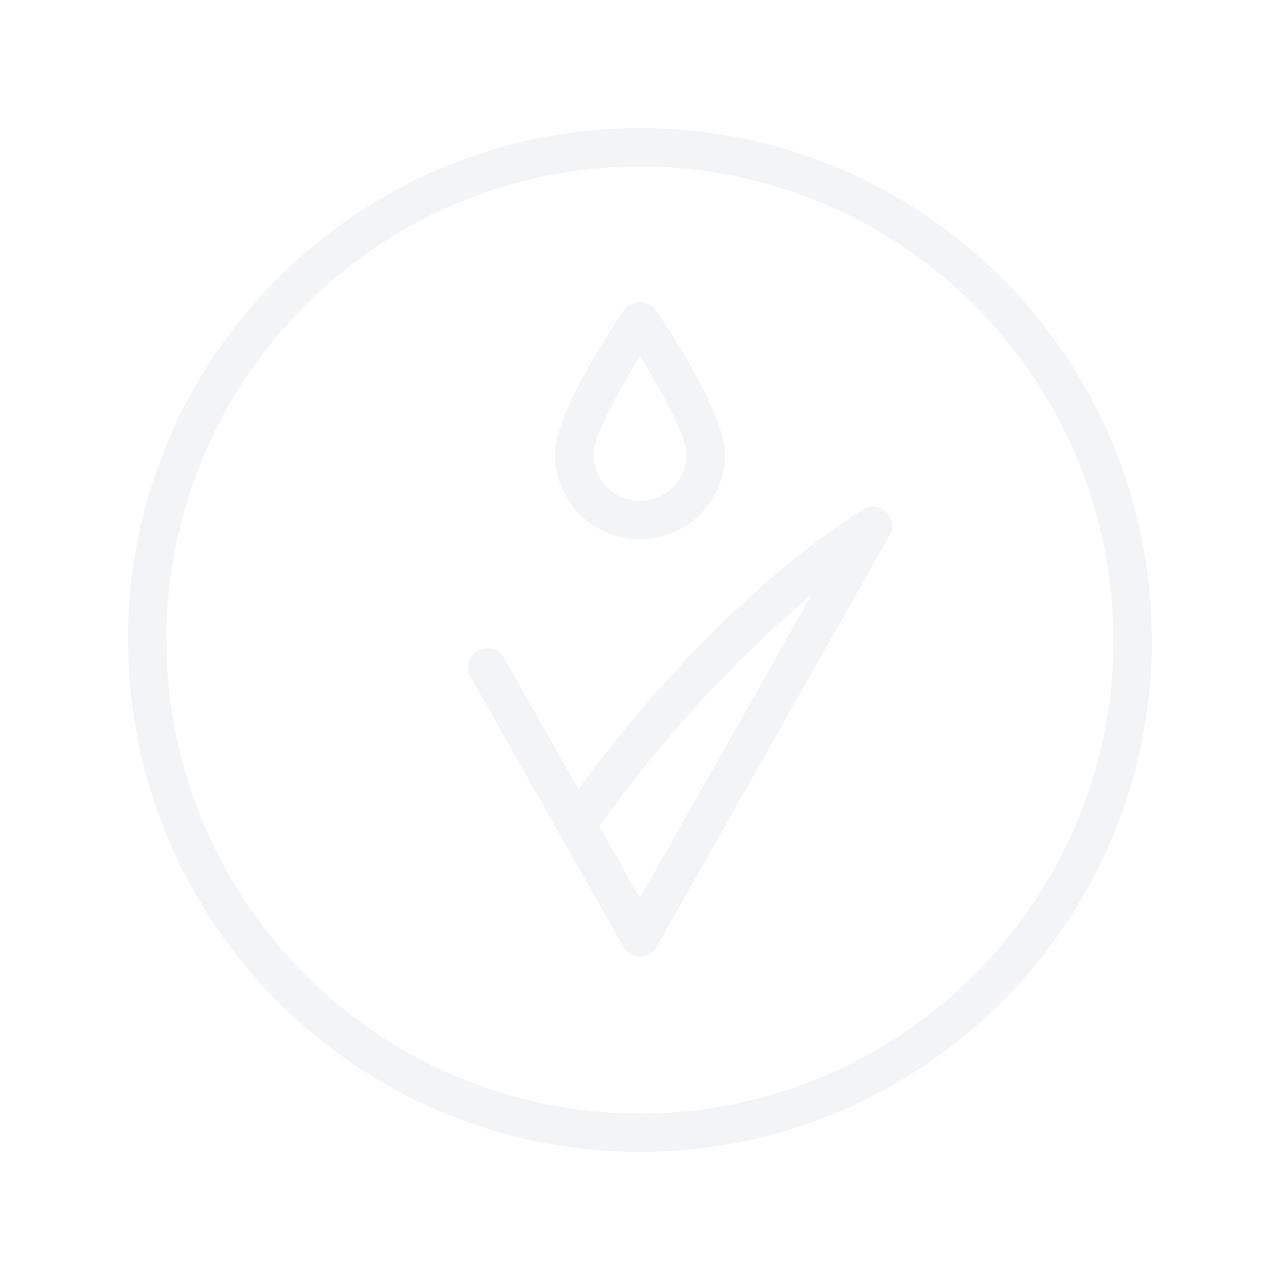 IDUN Minerals Pressed Finishing Powder Vacker (Light Warm) 3.5g